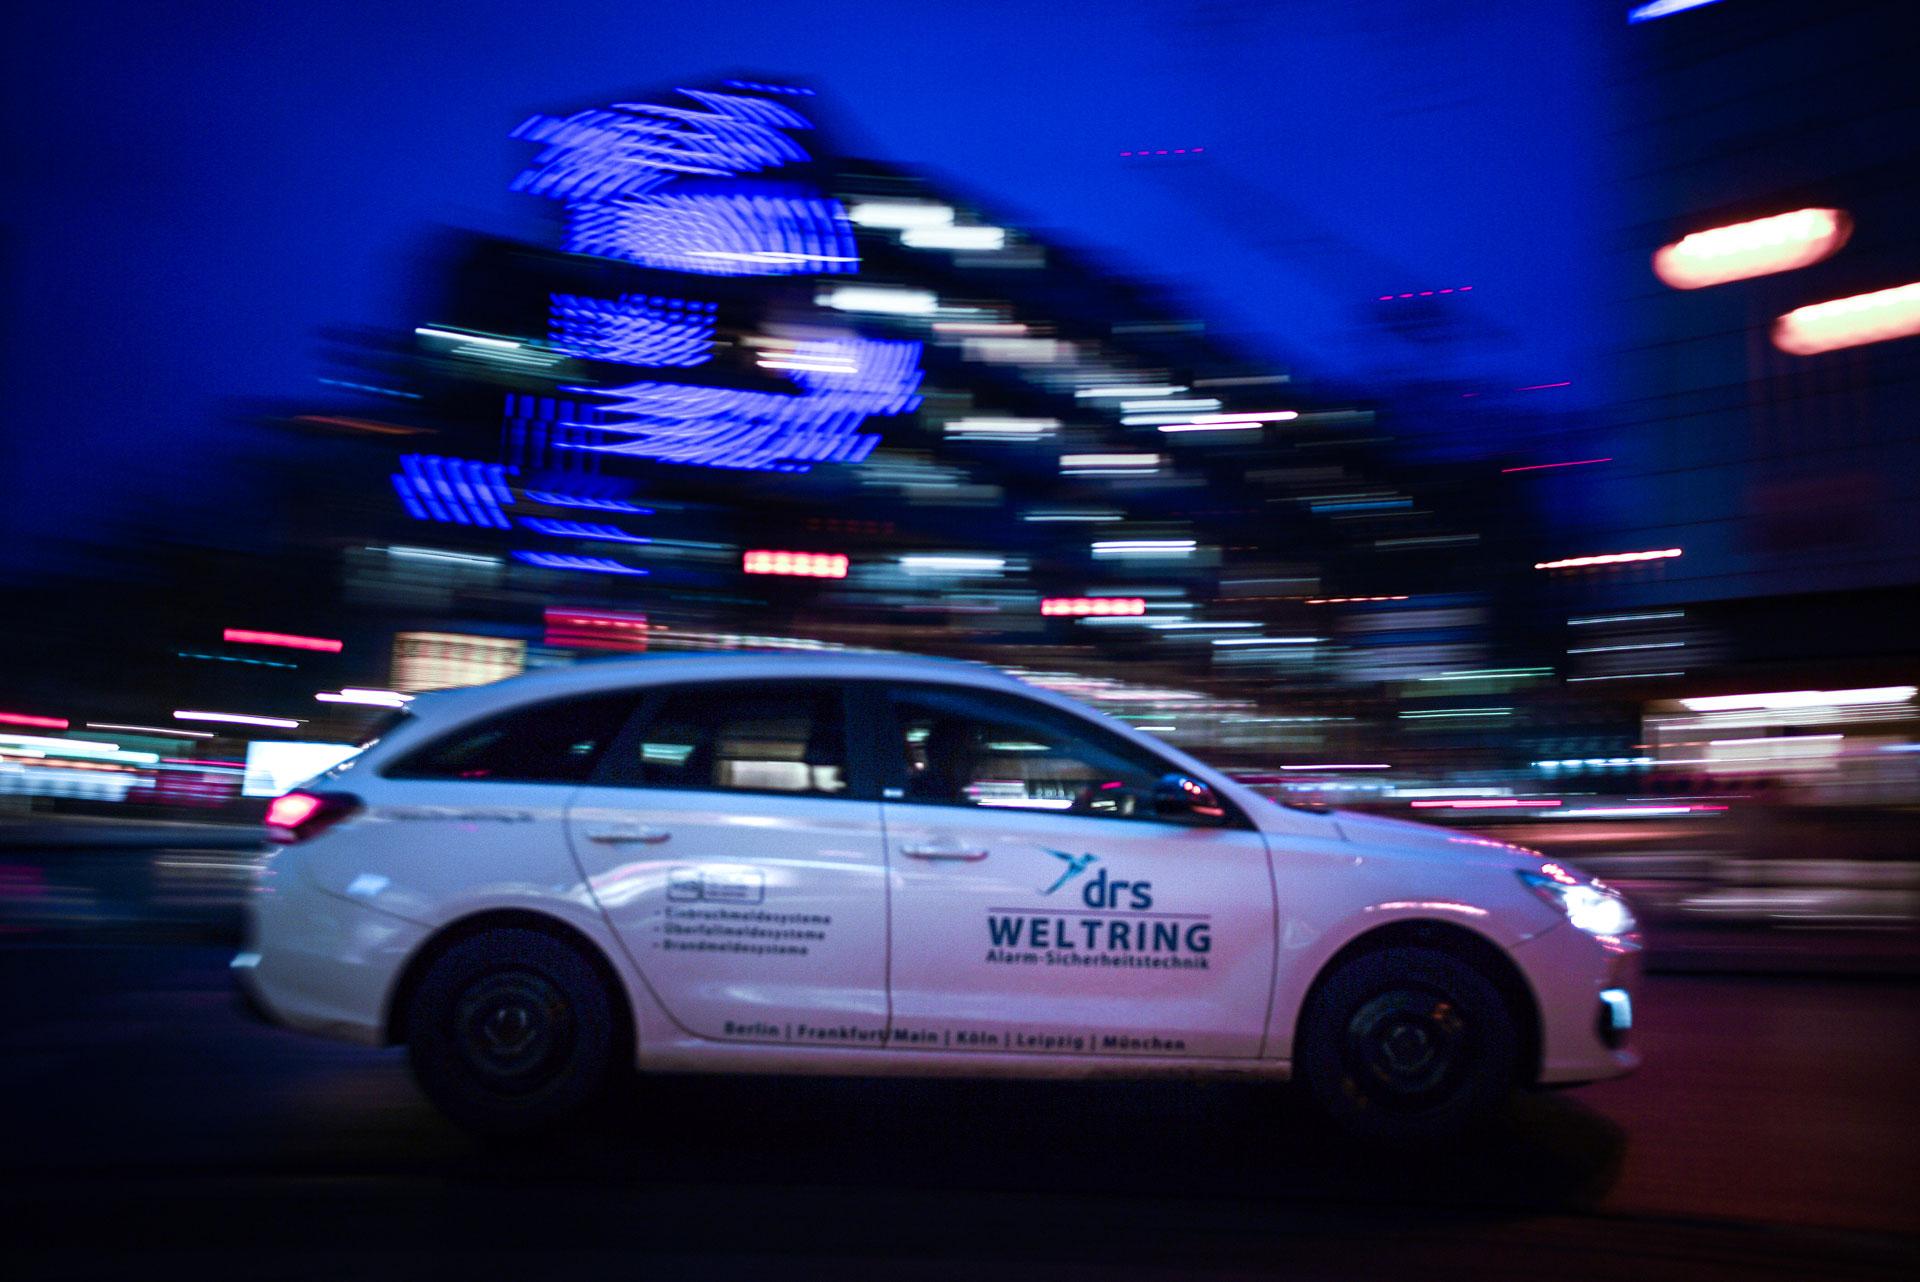 drs Weltring Auto WDR Arkaden 02 - Brandmeldeanlagen für Unternehmen